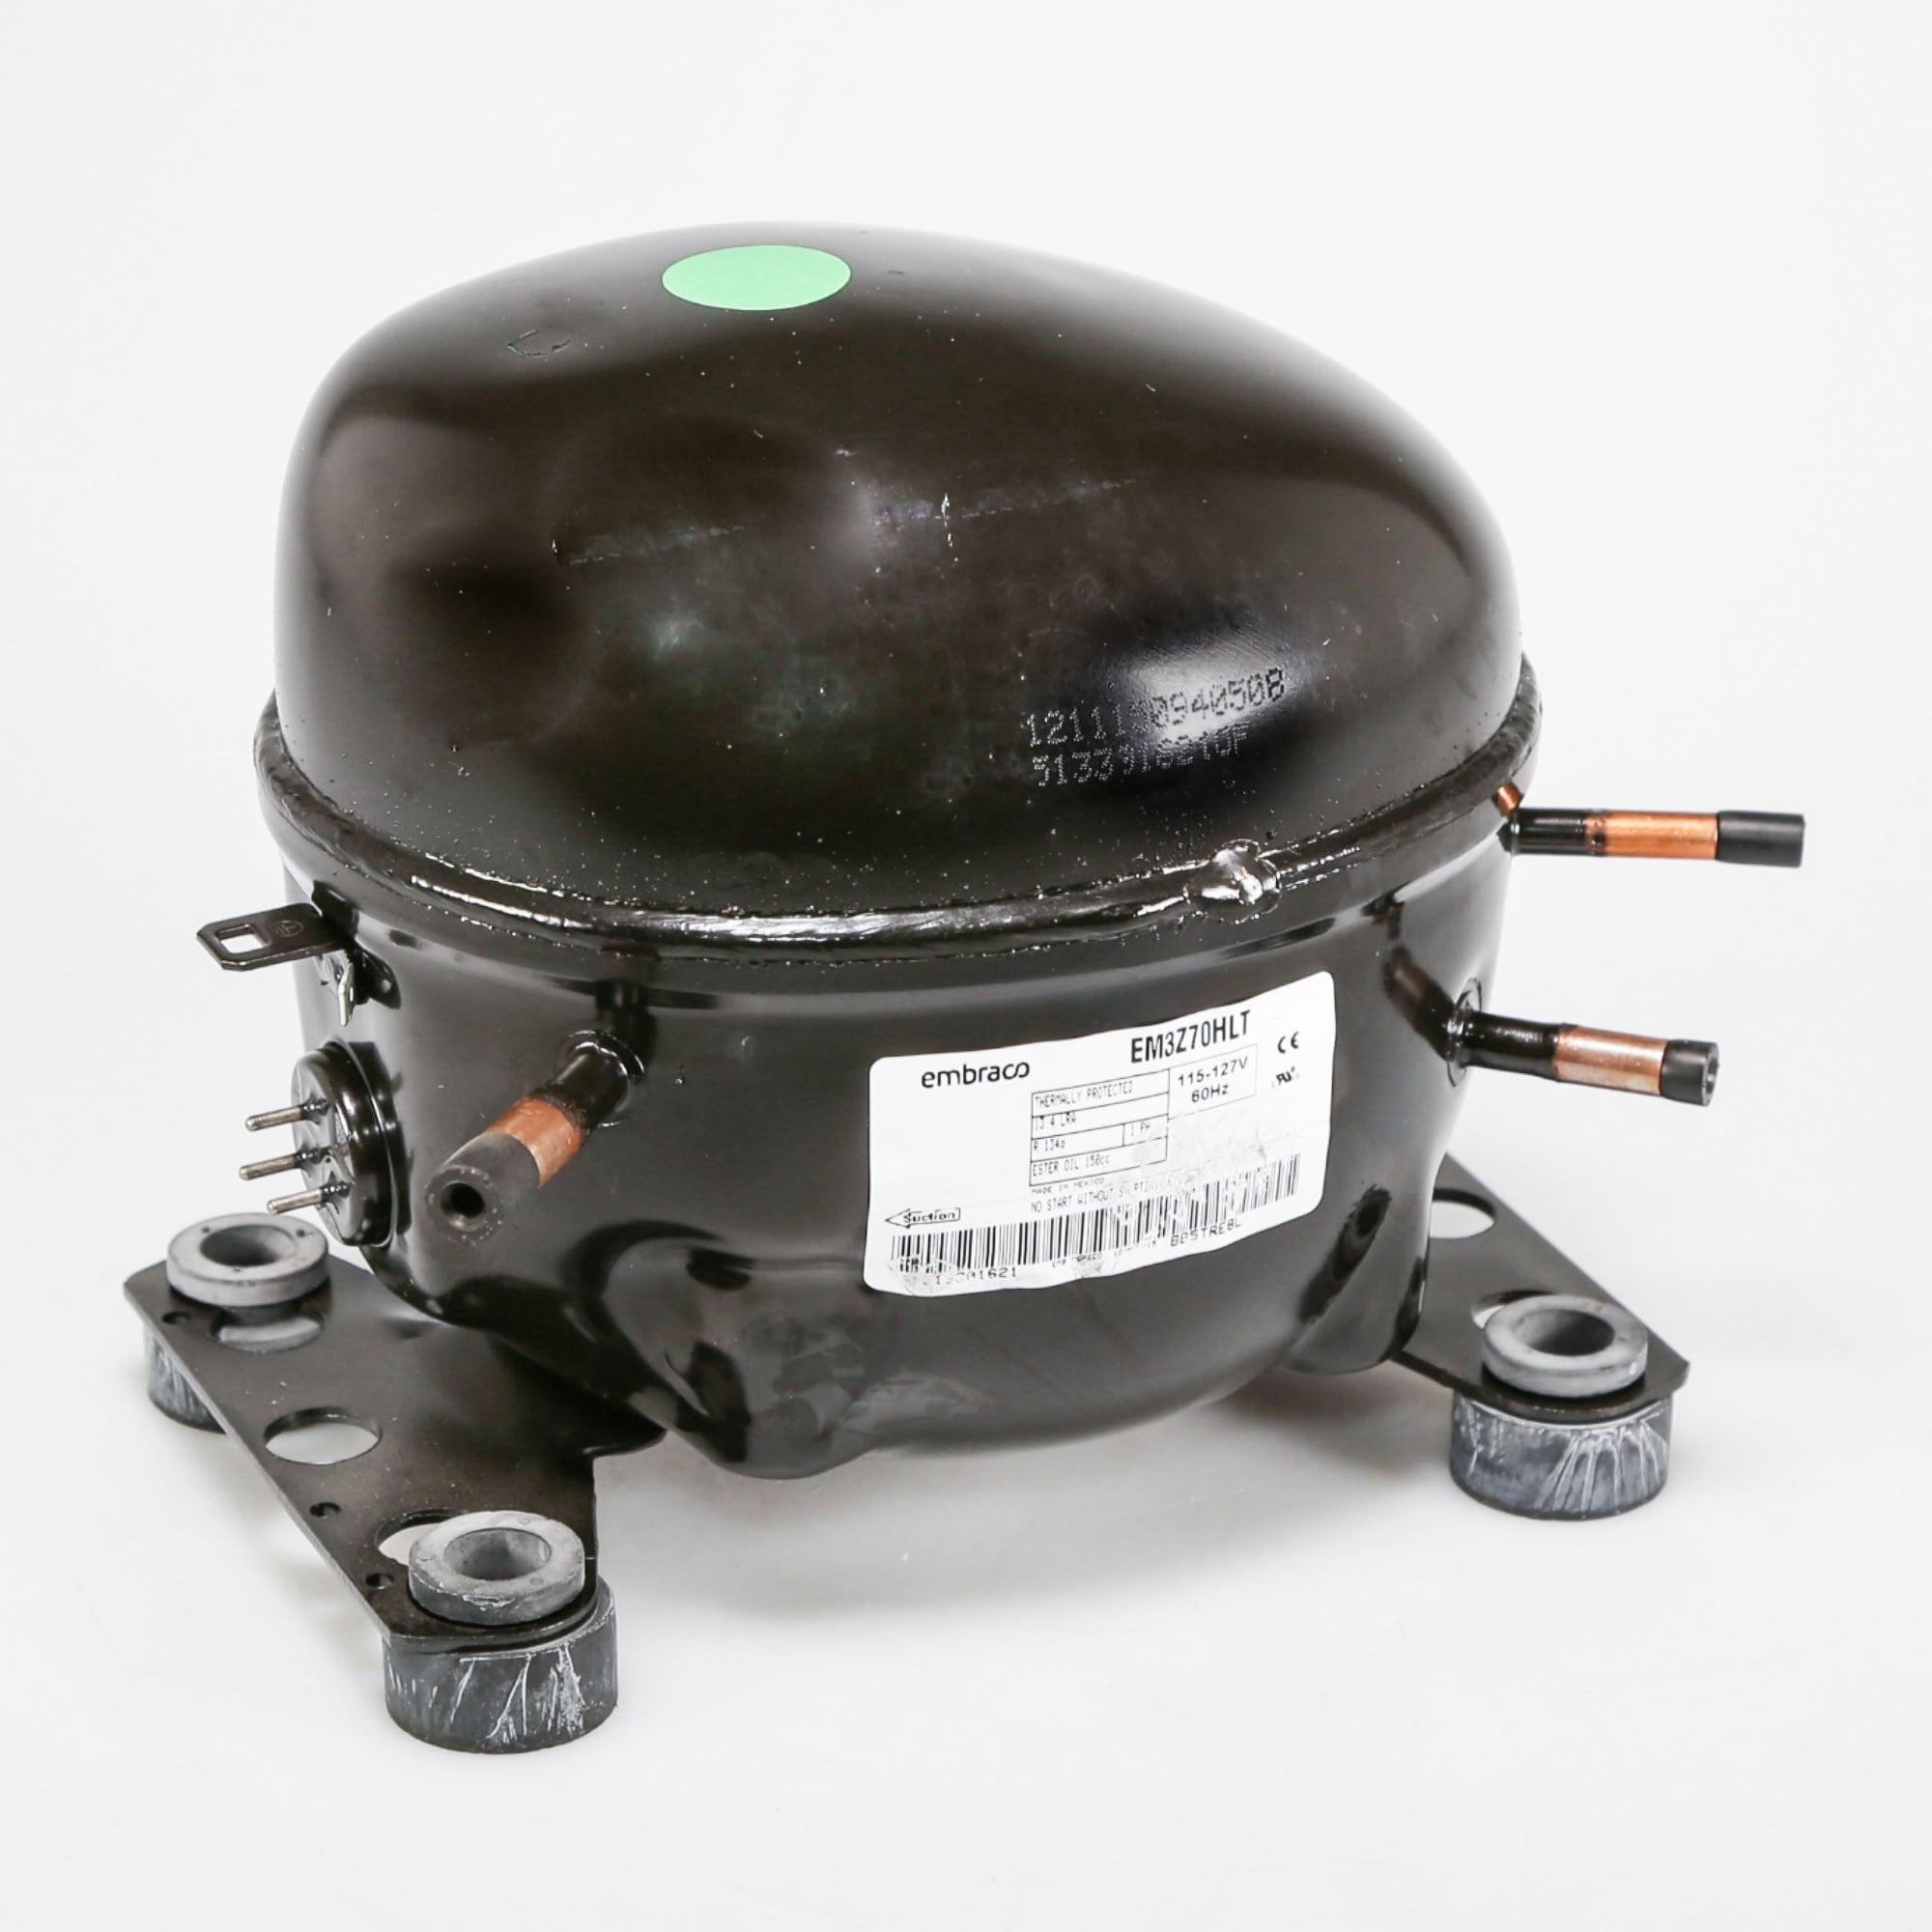 5304511967 For Frigidaire Refrigerator Compressor